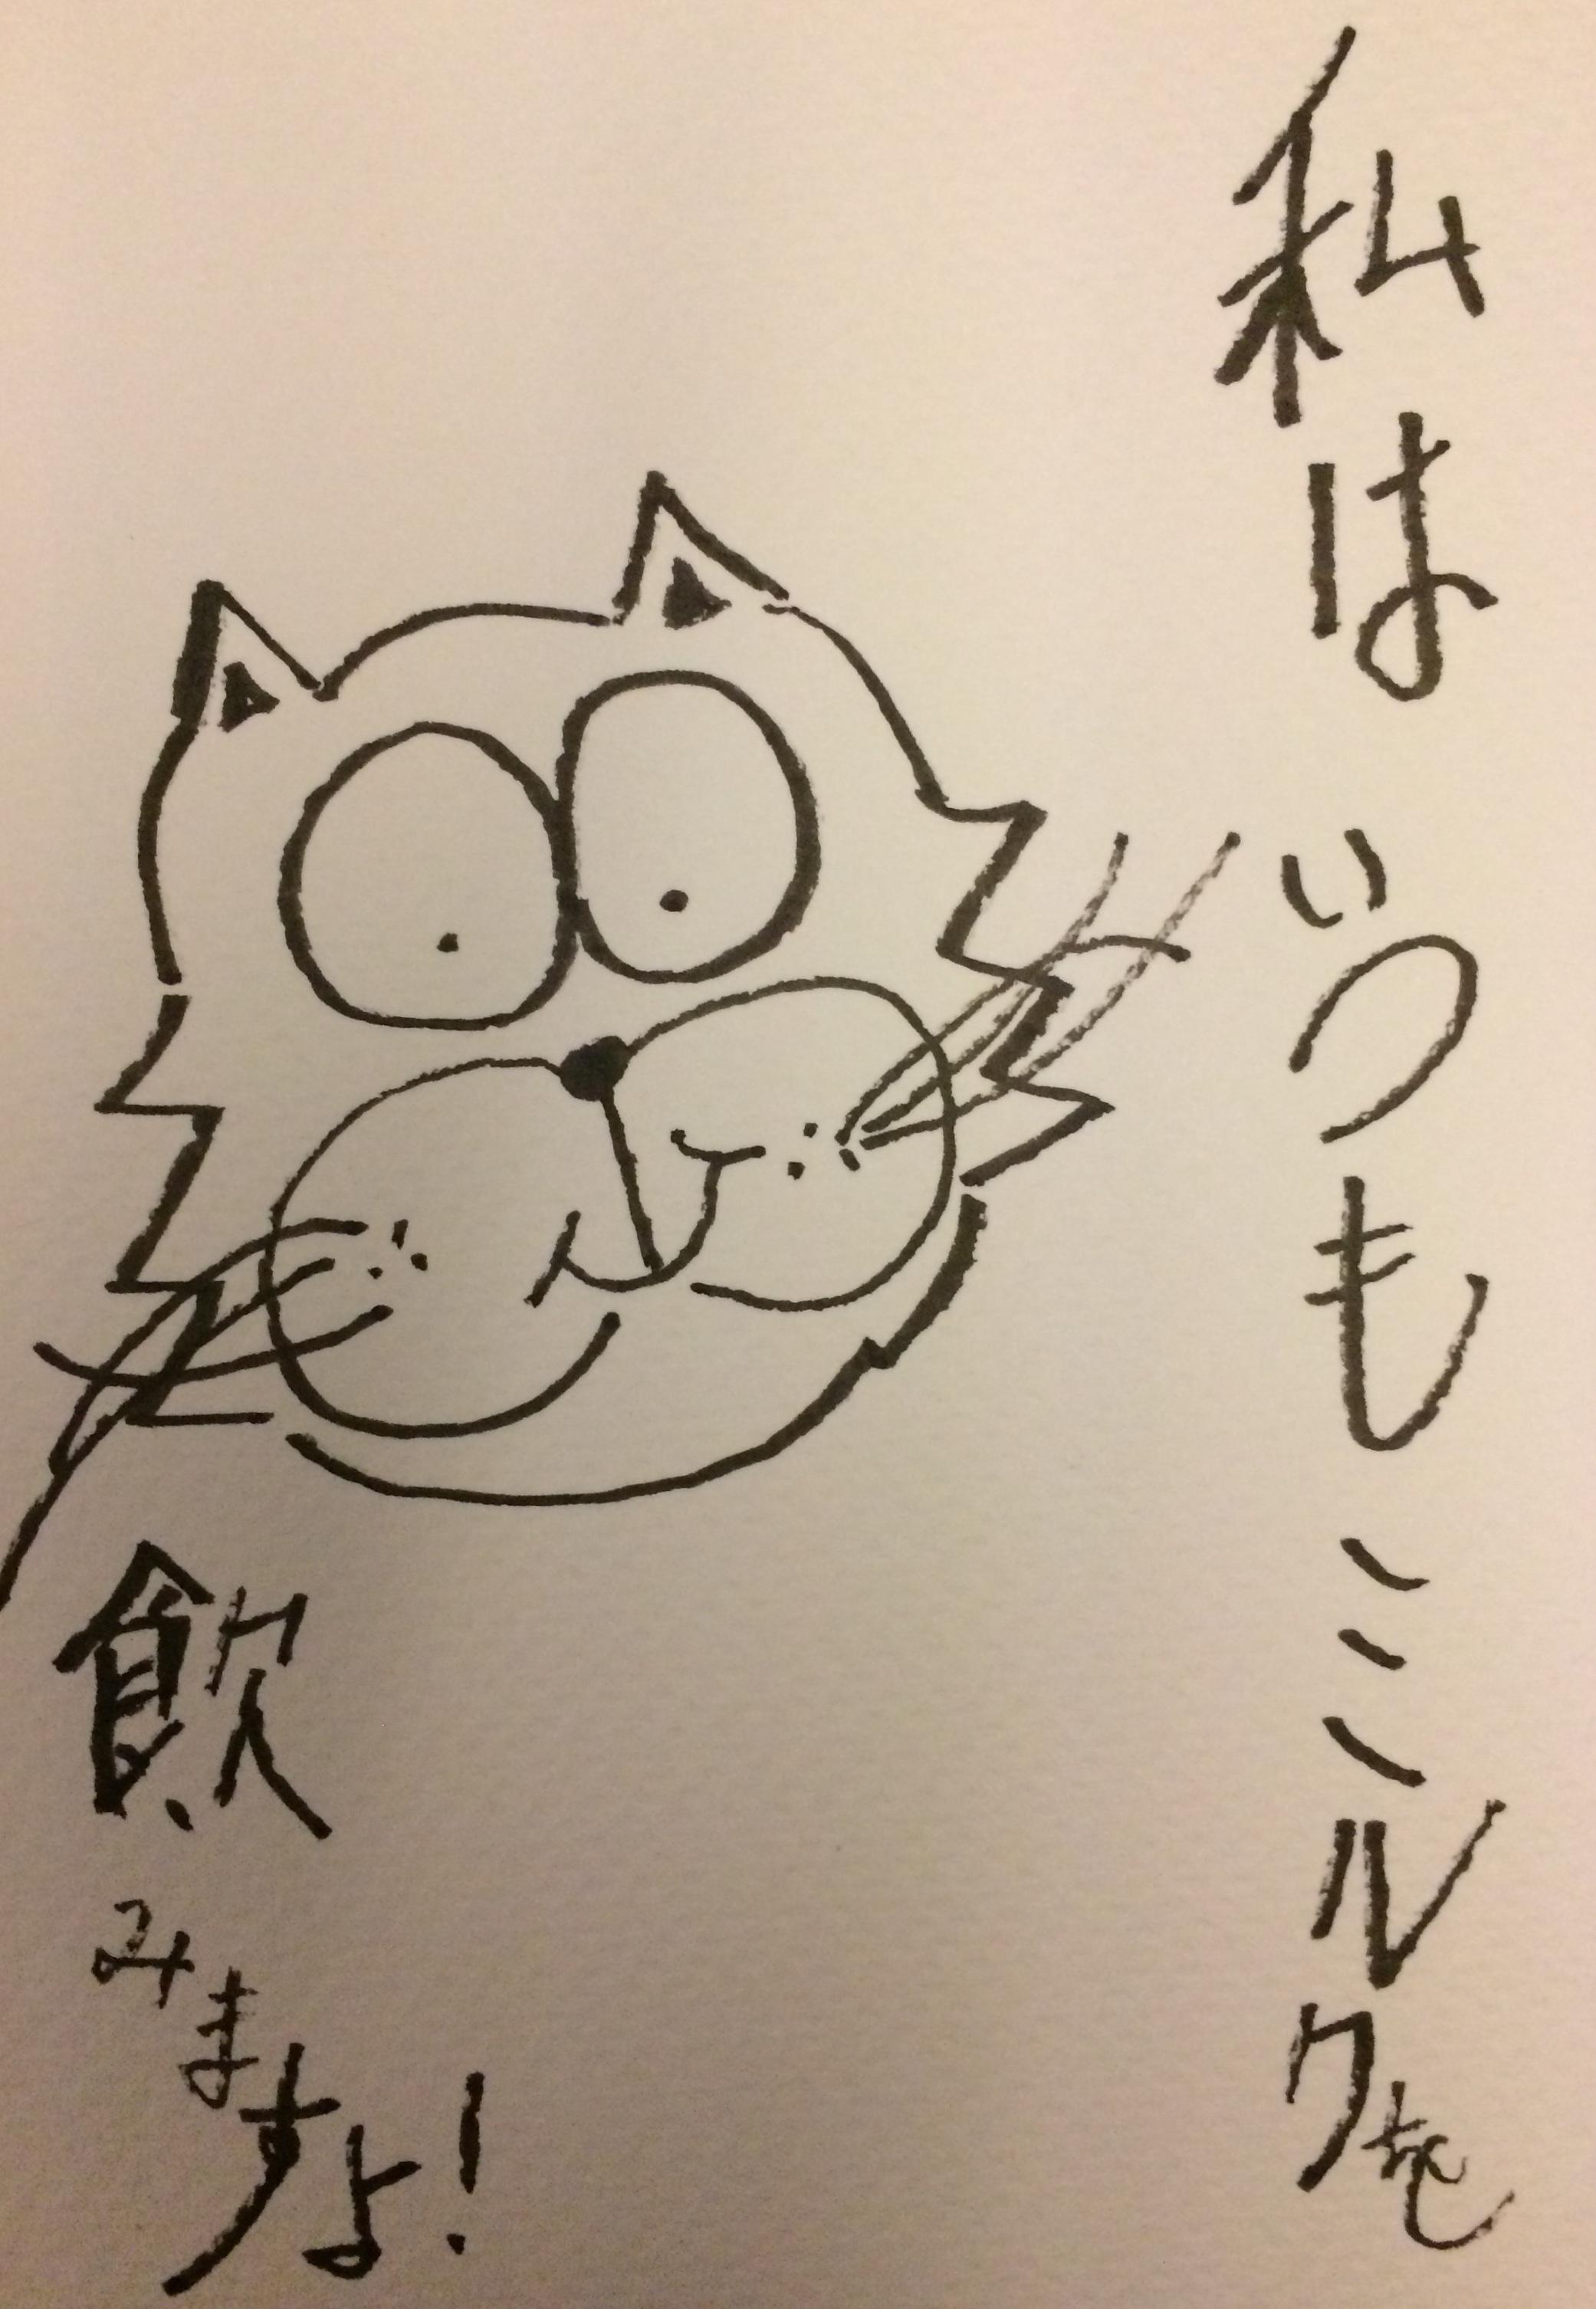 私はいつもミルクを飲みますよ かわいい ドイツ語 仔猫 描く コミックス comics kitten kätzchen drawing ink